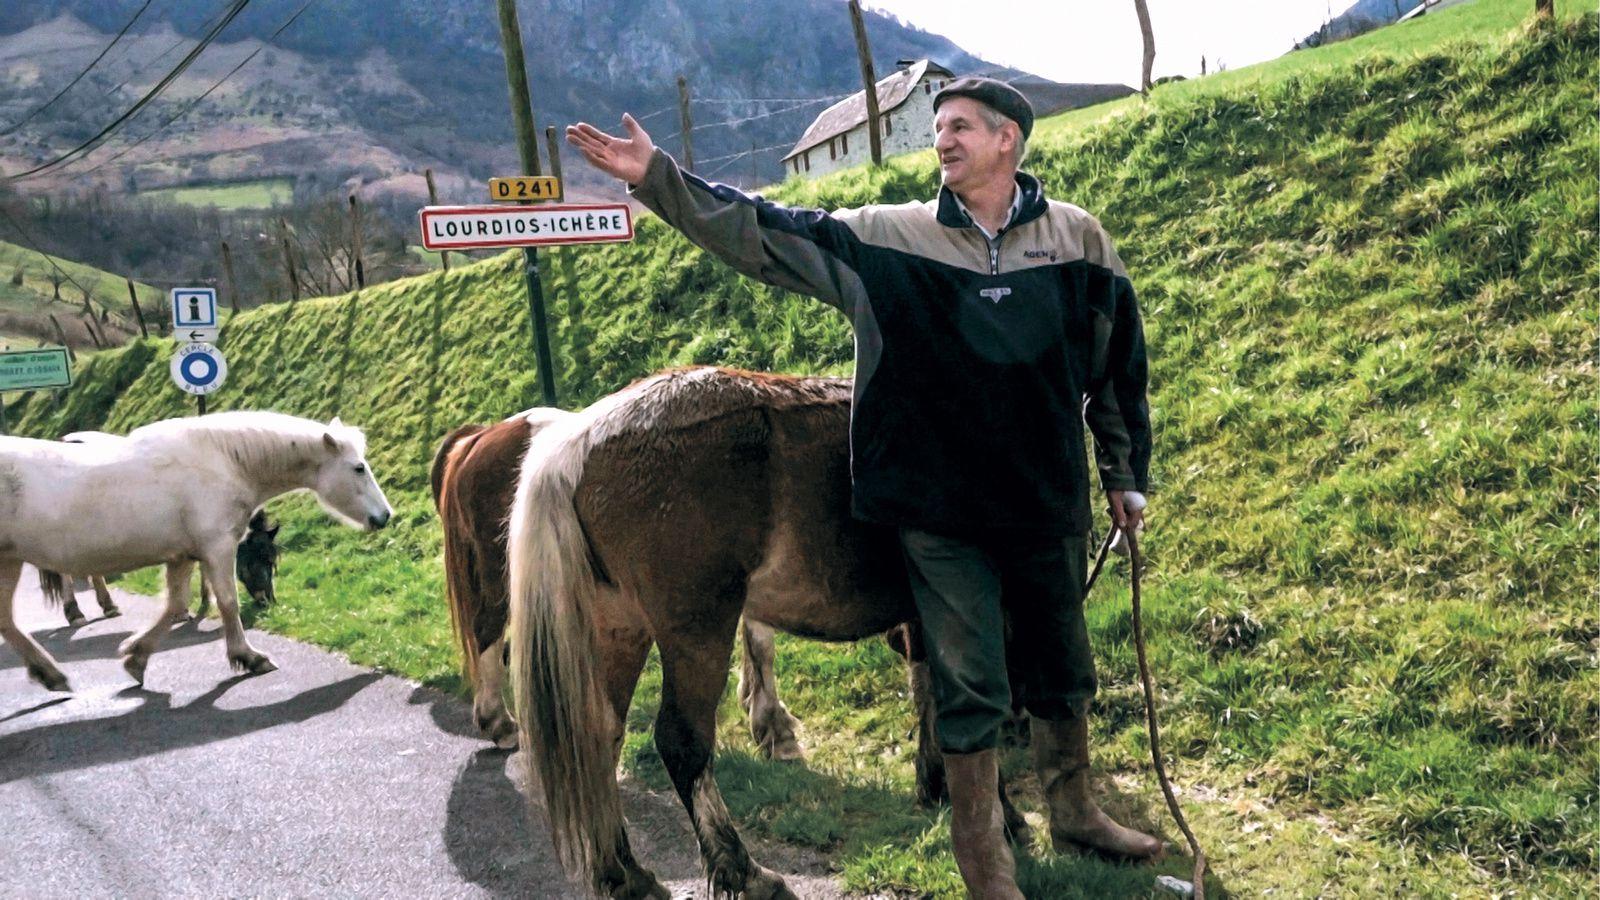 Un berger et deux perchés à l'Elysée ? (BANDE-ANNONCE) de Philippe Lespinasse et Pierre Carles - Le 23 janvier 2019 au cinéma